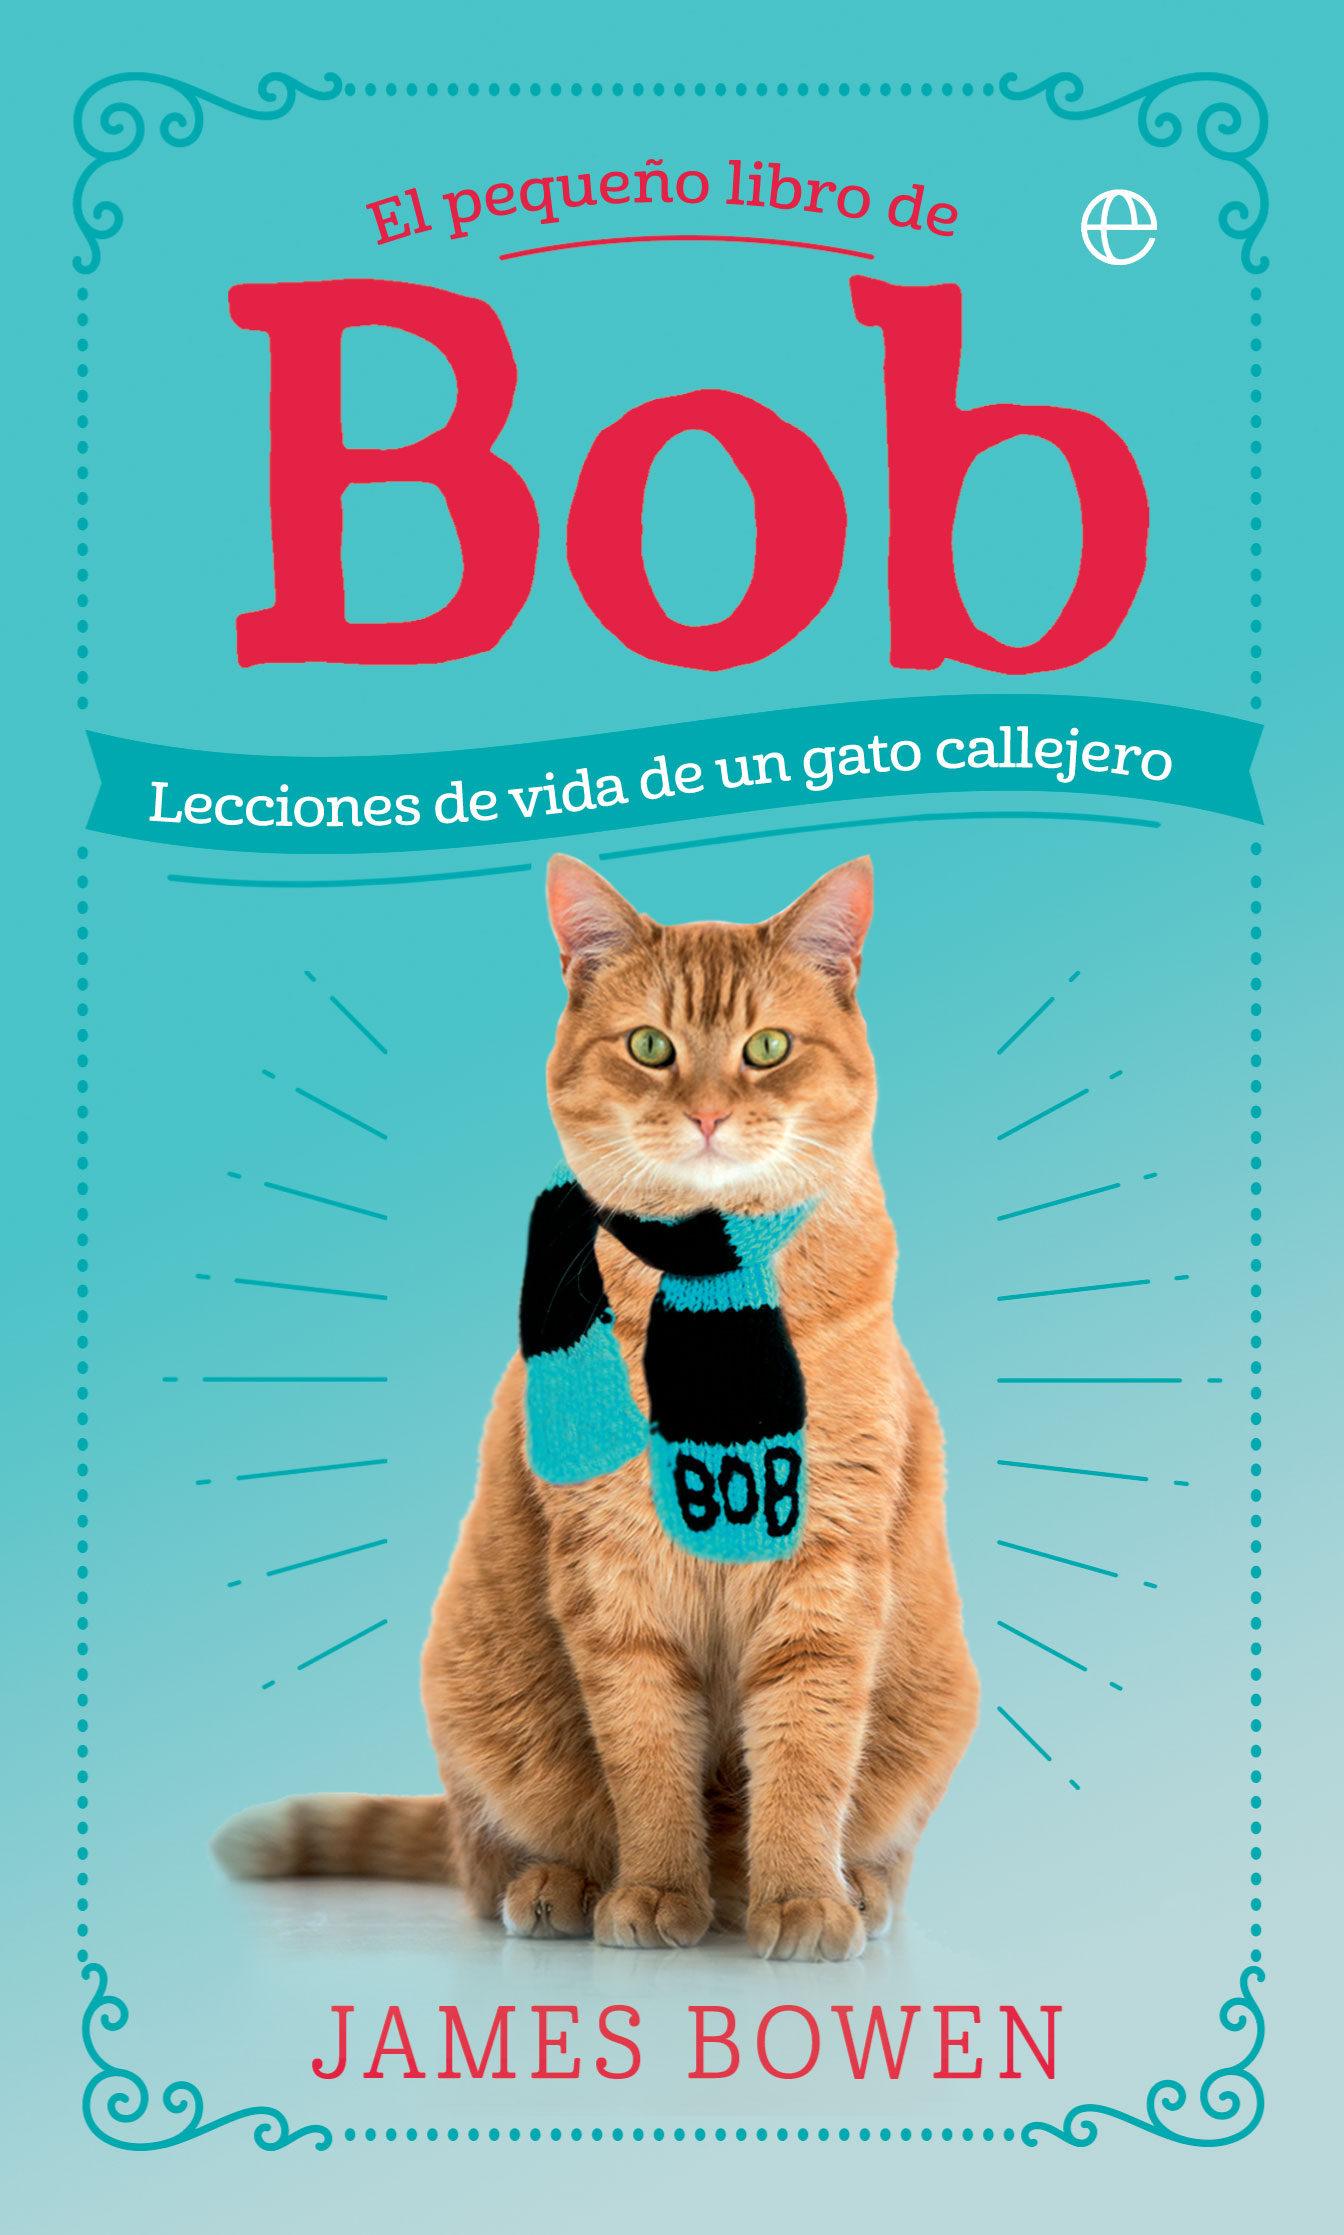 El pequeño libro de Bob (James Bowen, 2019)